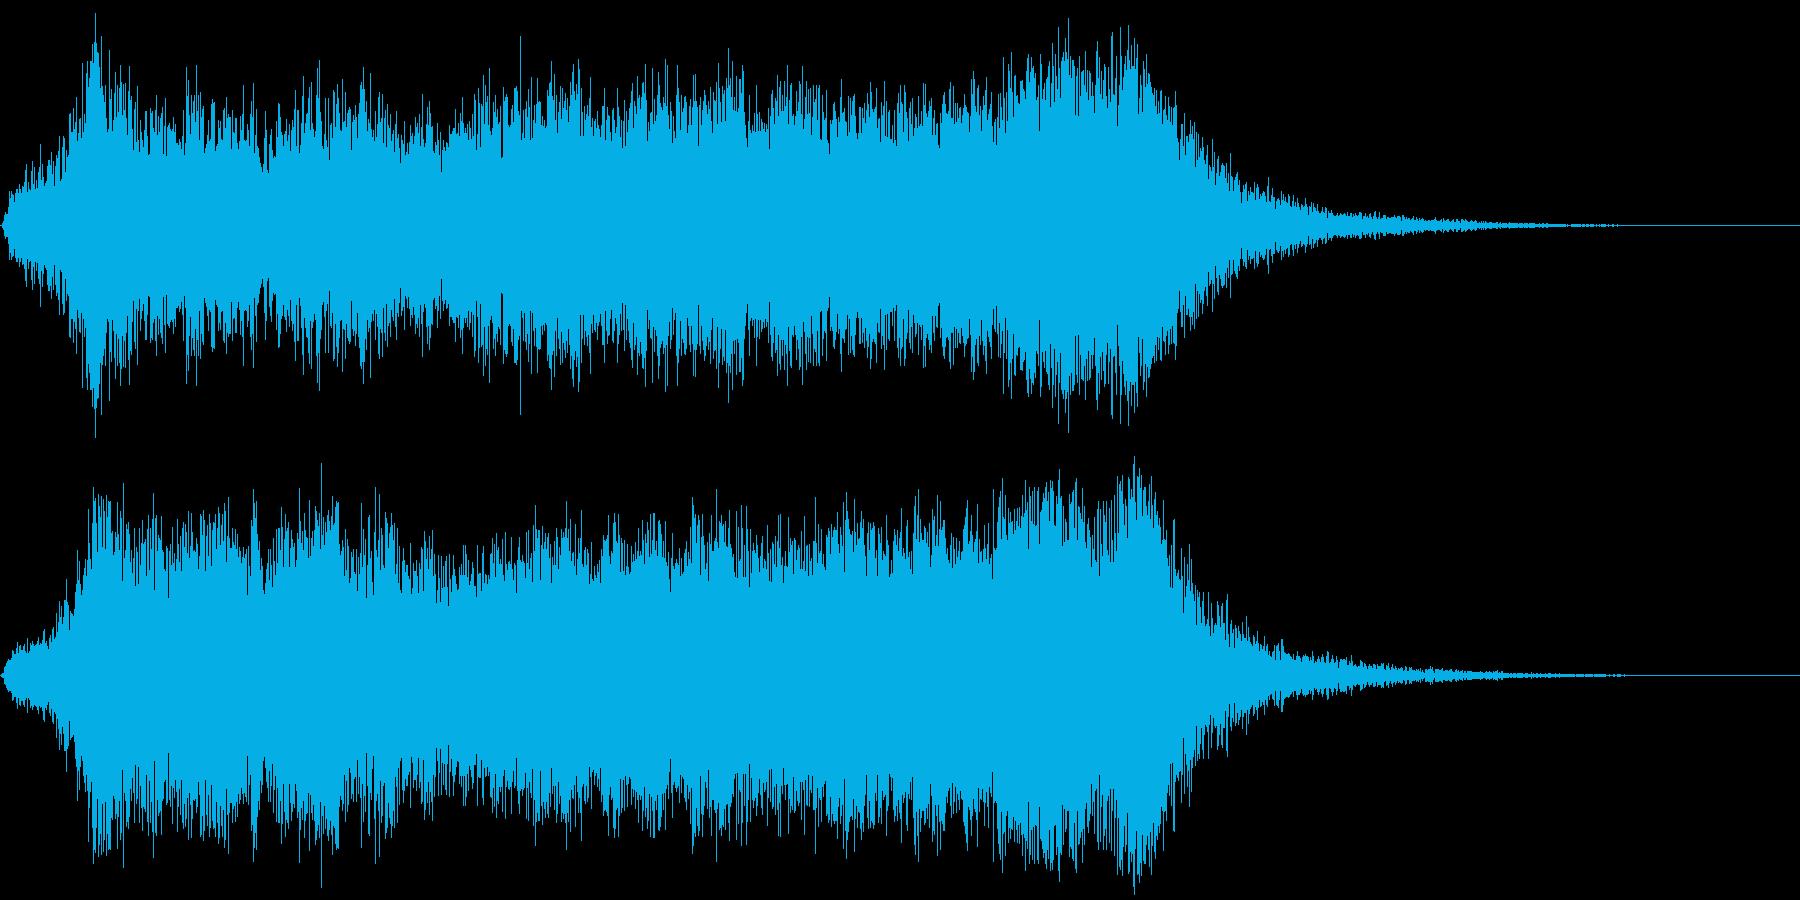 壮大なオーケストラのファンファーレの再生済みの波形